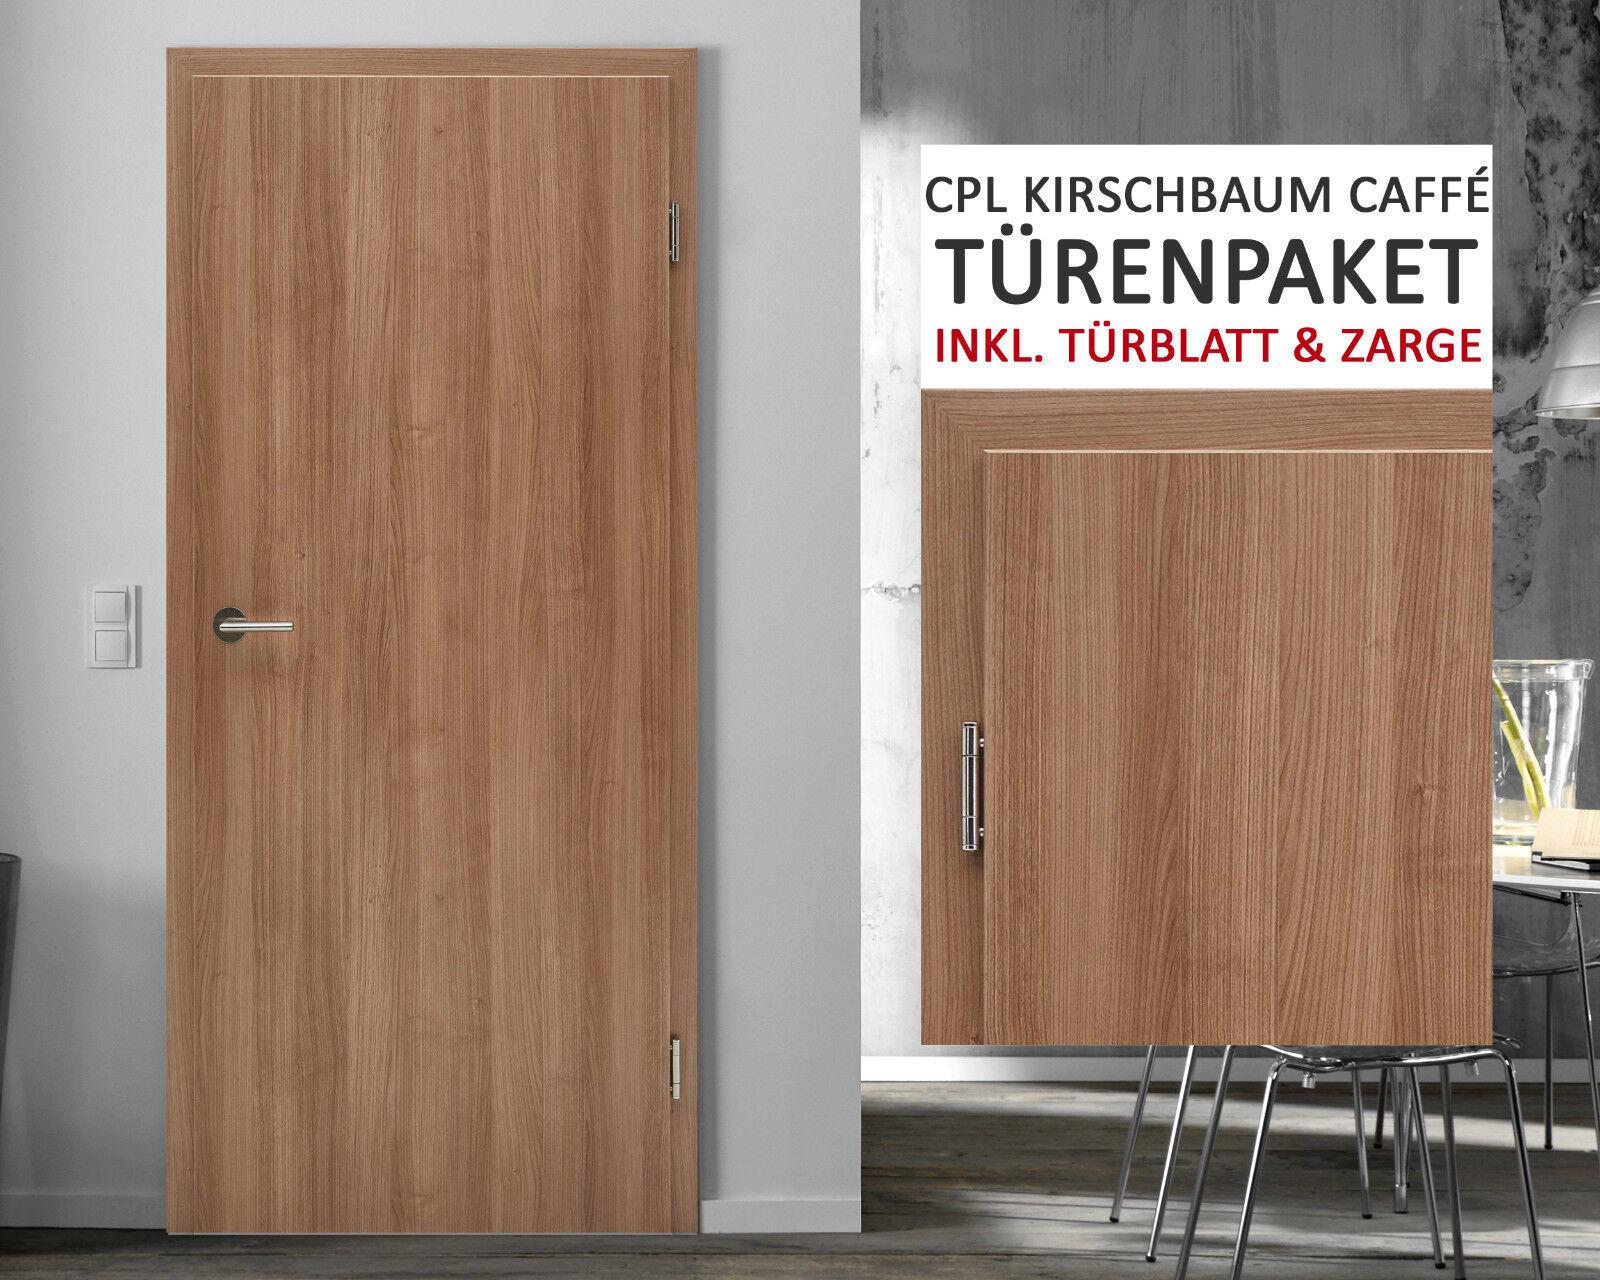 Kuporta CPL Zimmertüren Innentüren Kirschbaum caffé Zimmertür Tür mit Zarge NEU